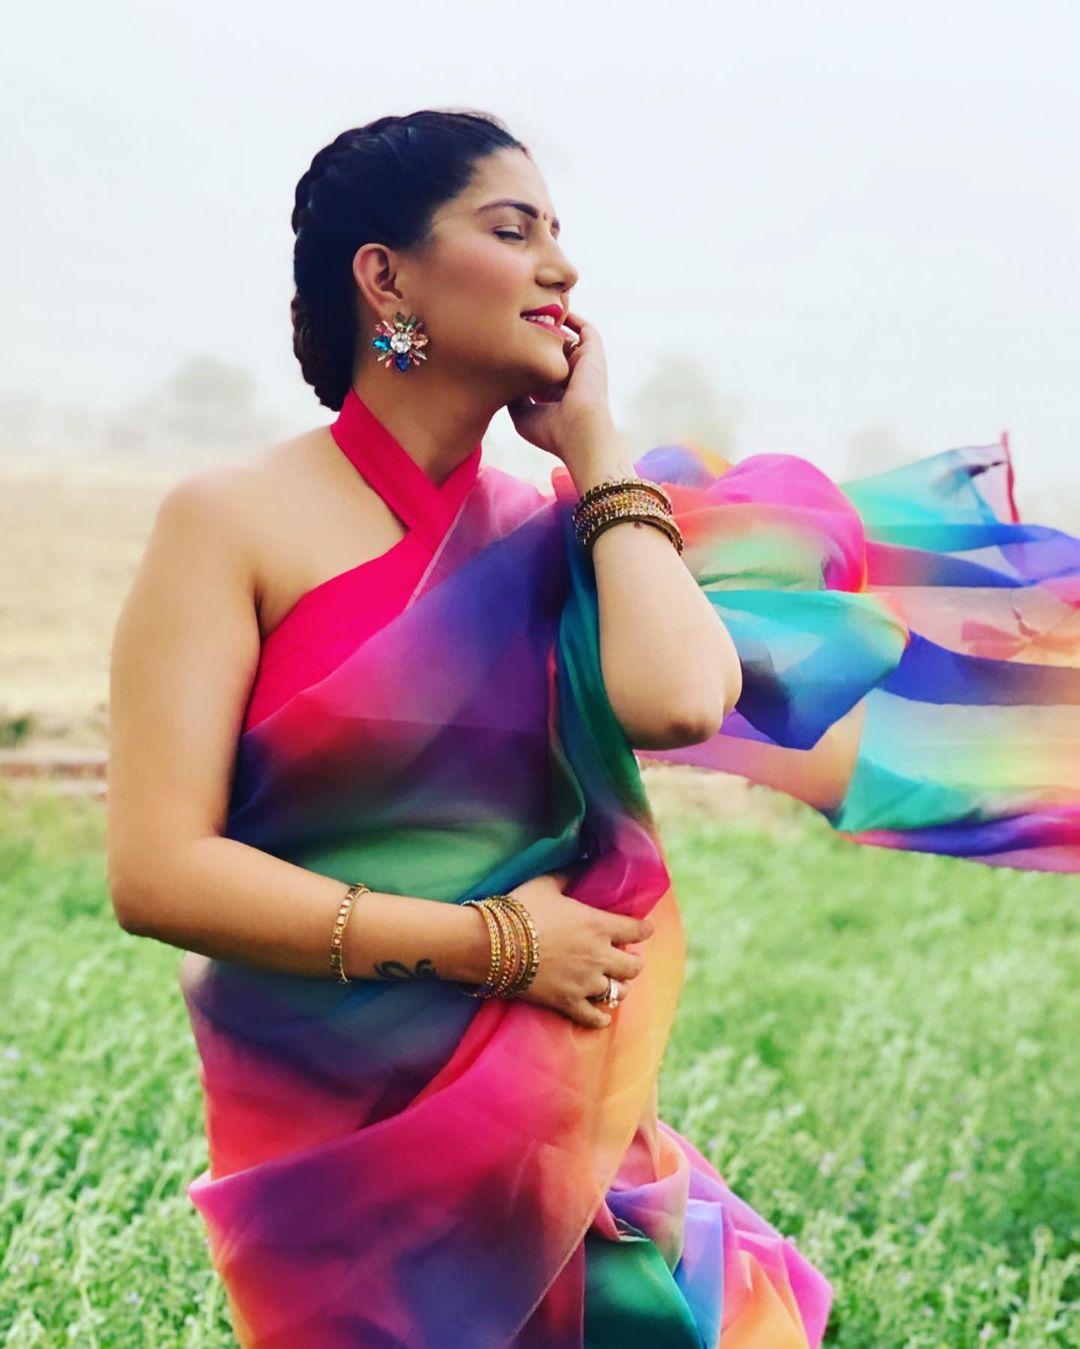 Sapna Choudhary looking so beautiful in Multicolor Saree- See Photo | Sapna Choudhary ने खेतों में यूं लहराया पल्लू, PHOTOS देख लट्टू हो गए फैंस | Hindi News,